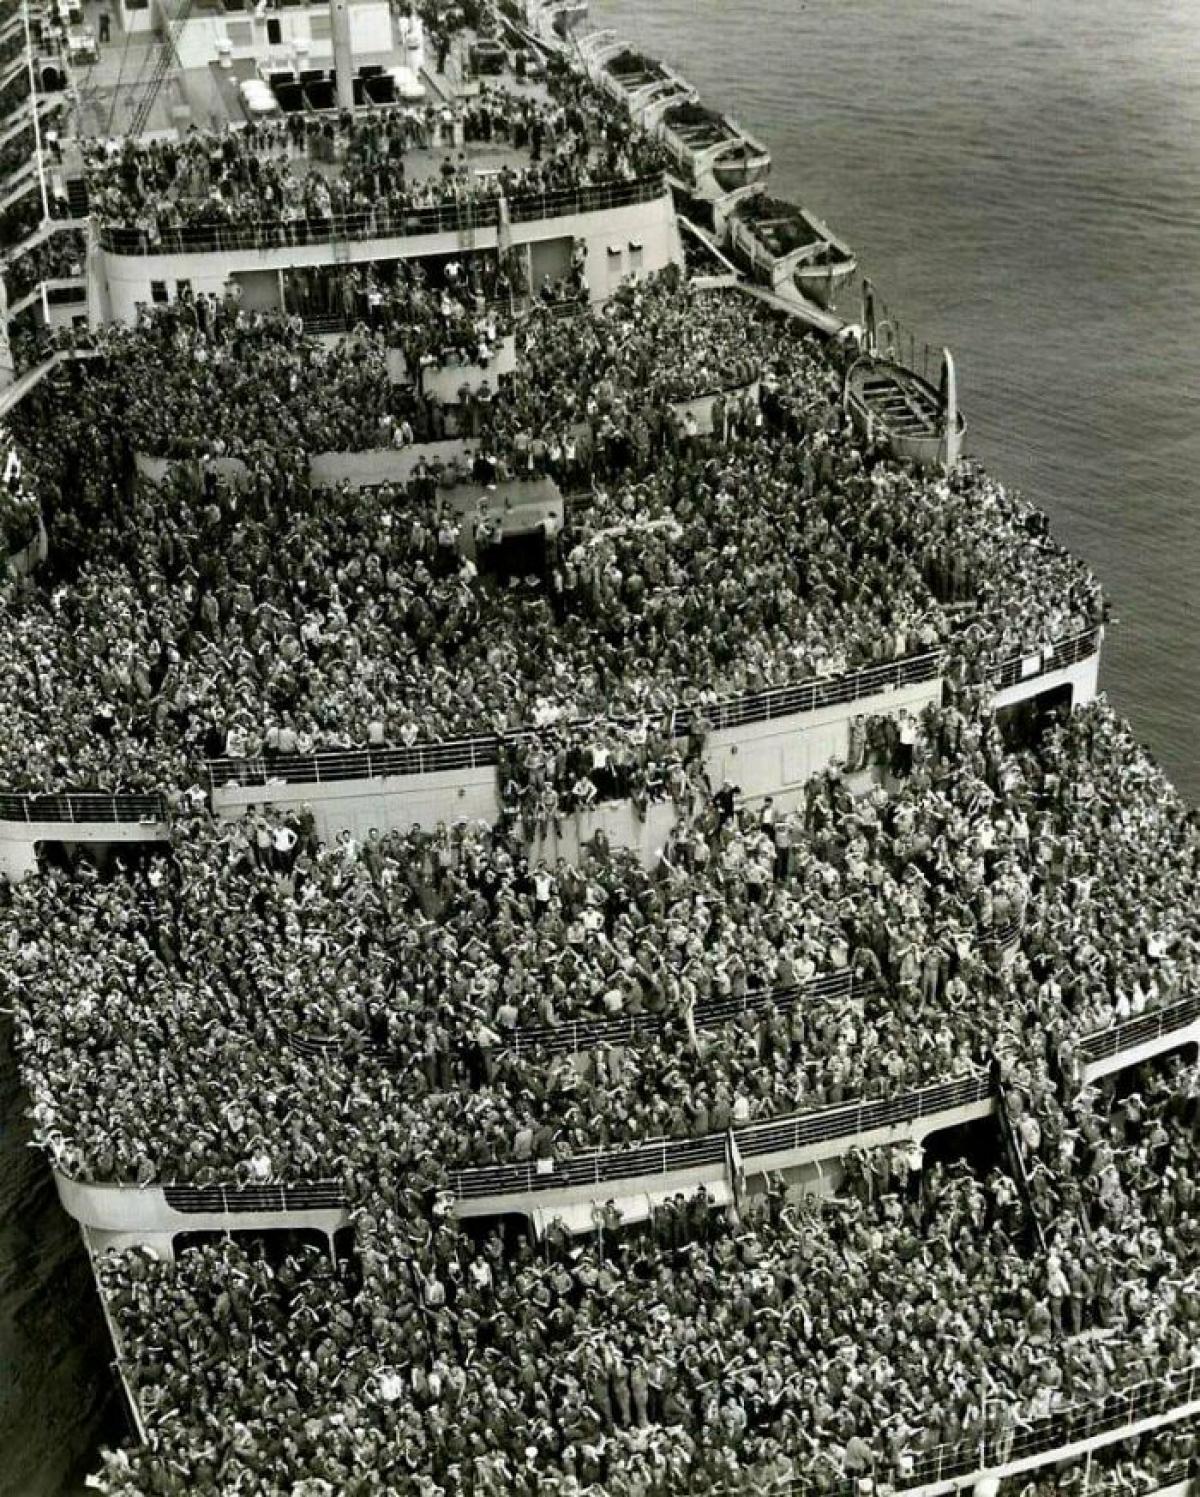 Những người lính quay trở về từ Thế chiến II, năm 1945.